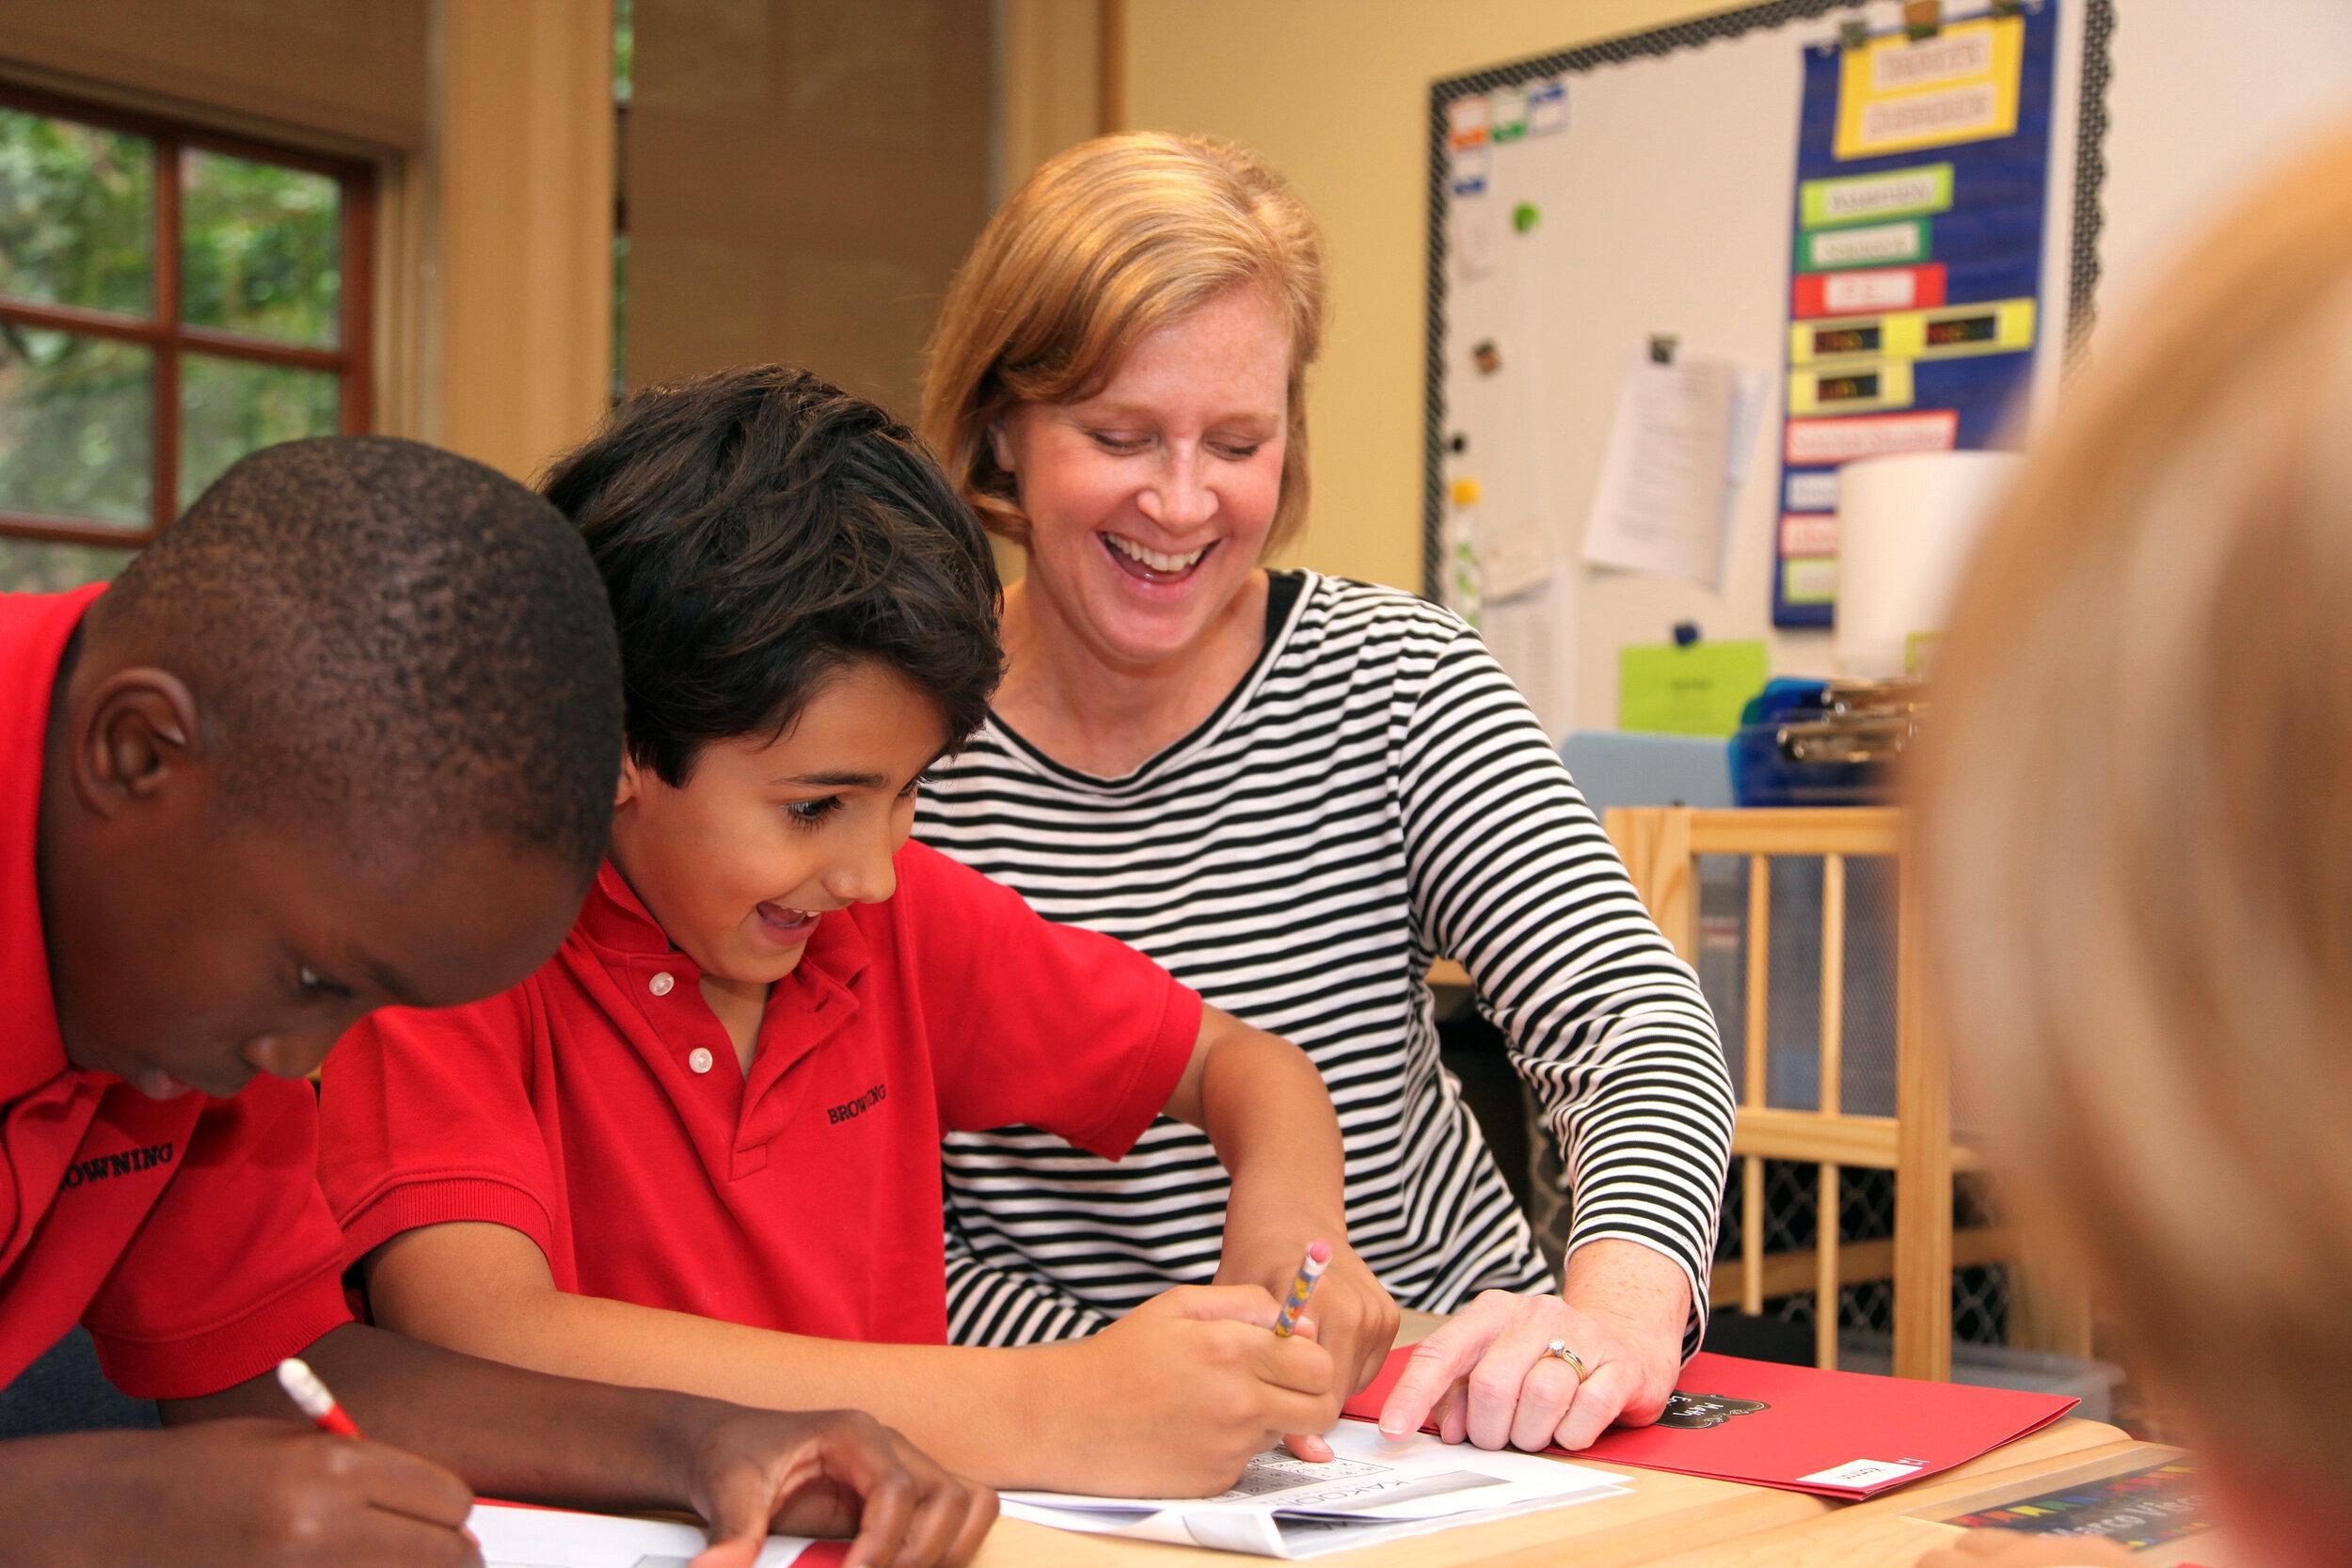 低年级学校-低年级学校向小学年龄365bet体育孩介绍了布朗宁的使命的一个组成部分:终身热爱学习.Learn More